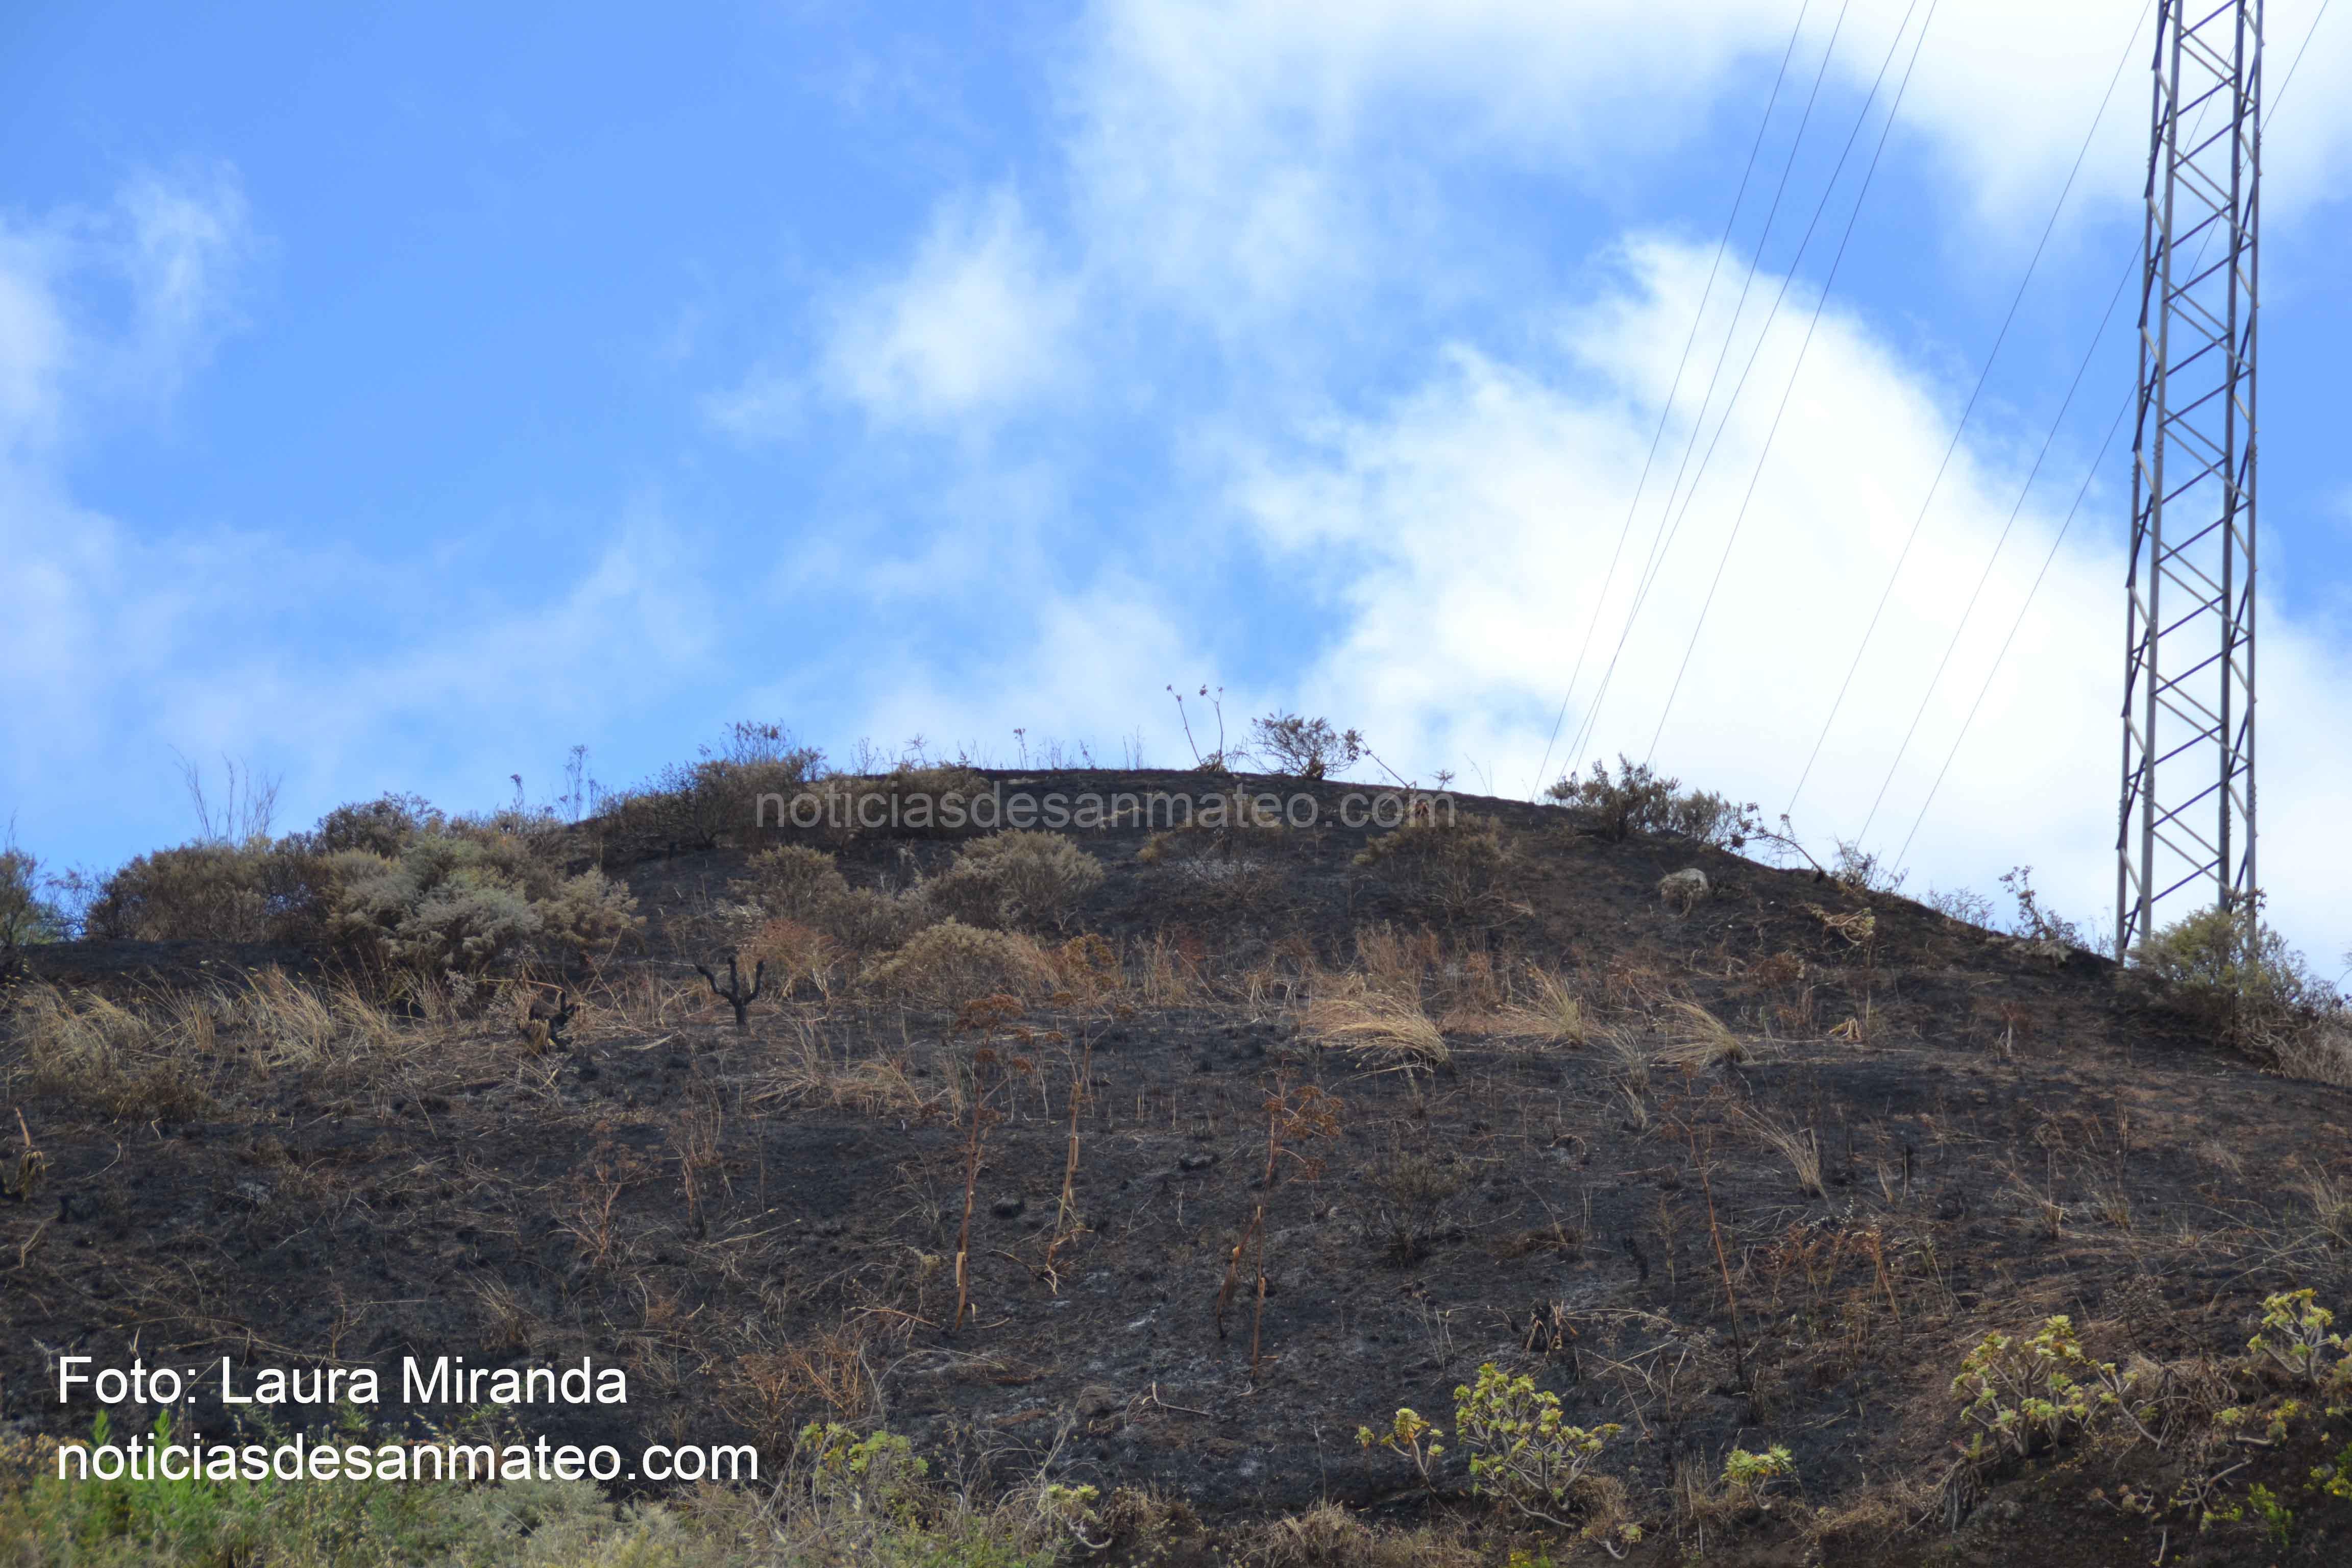 Incendio en Vuelta de Antona 31 de mayo de 2017 Foto Laura Miranda Noticias de San Mateo 2